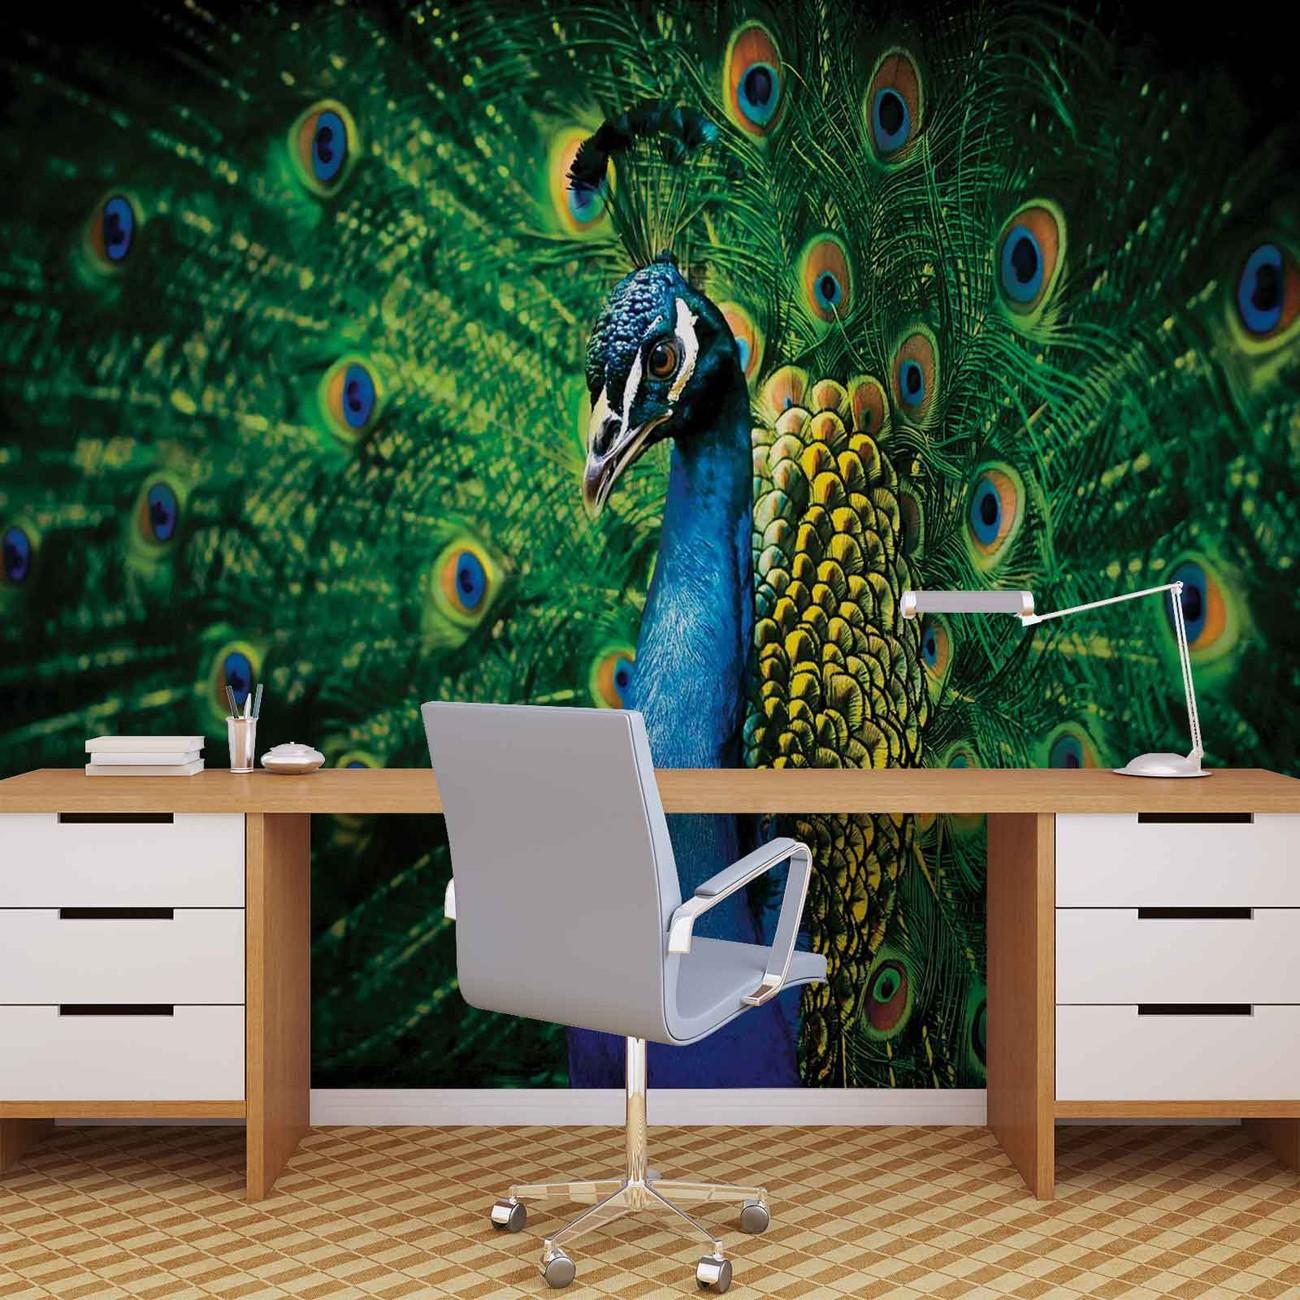 plumes de faisan oiseaux poster mural papier peint acheter le sur. Black Bedroom Furniture Sets. Home Design Ideas